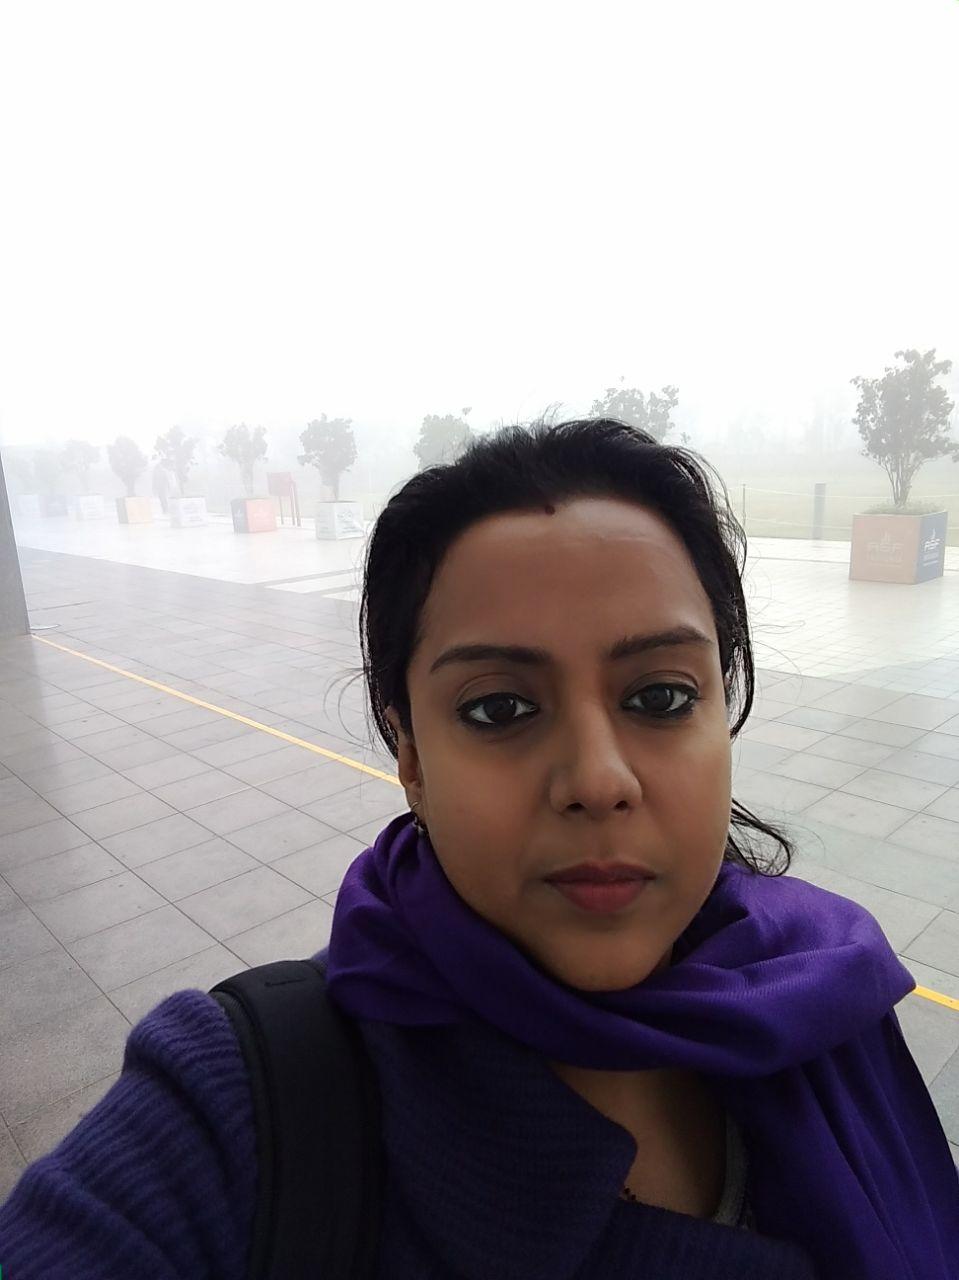 Cute photo story #27 Fog and Flu